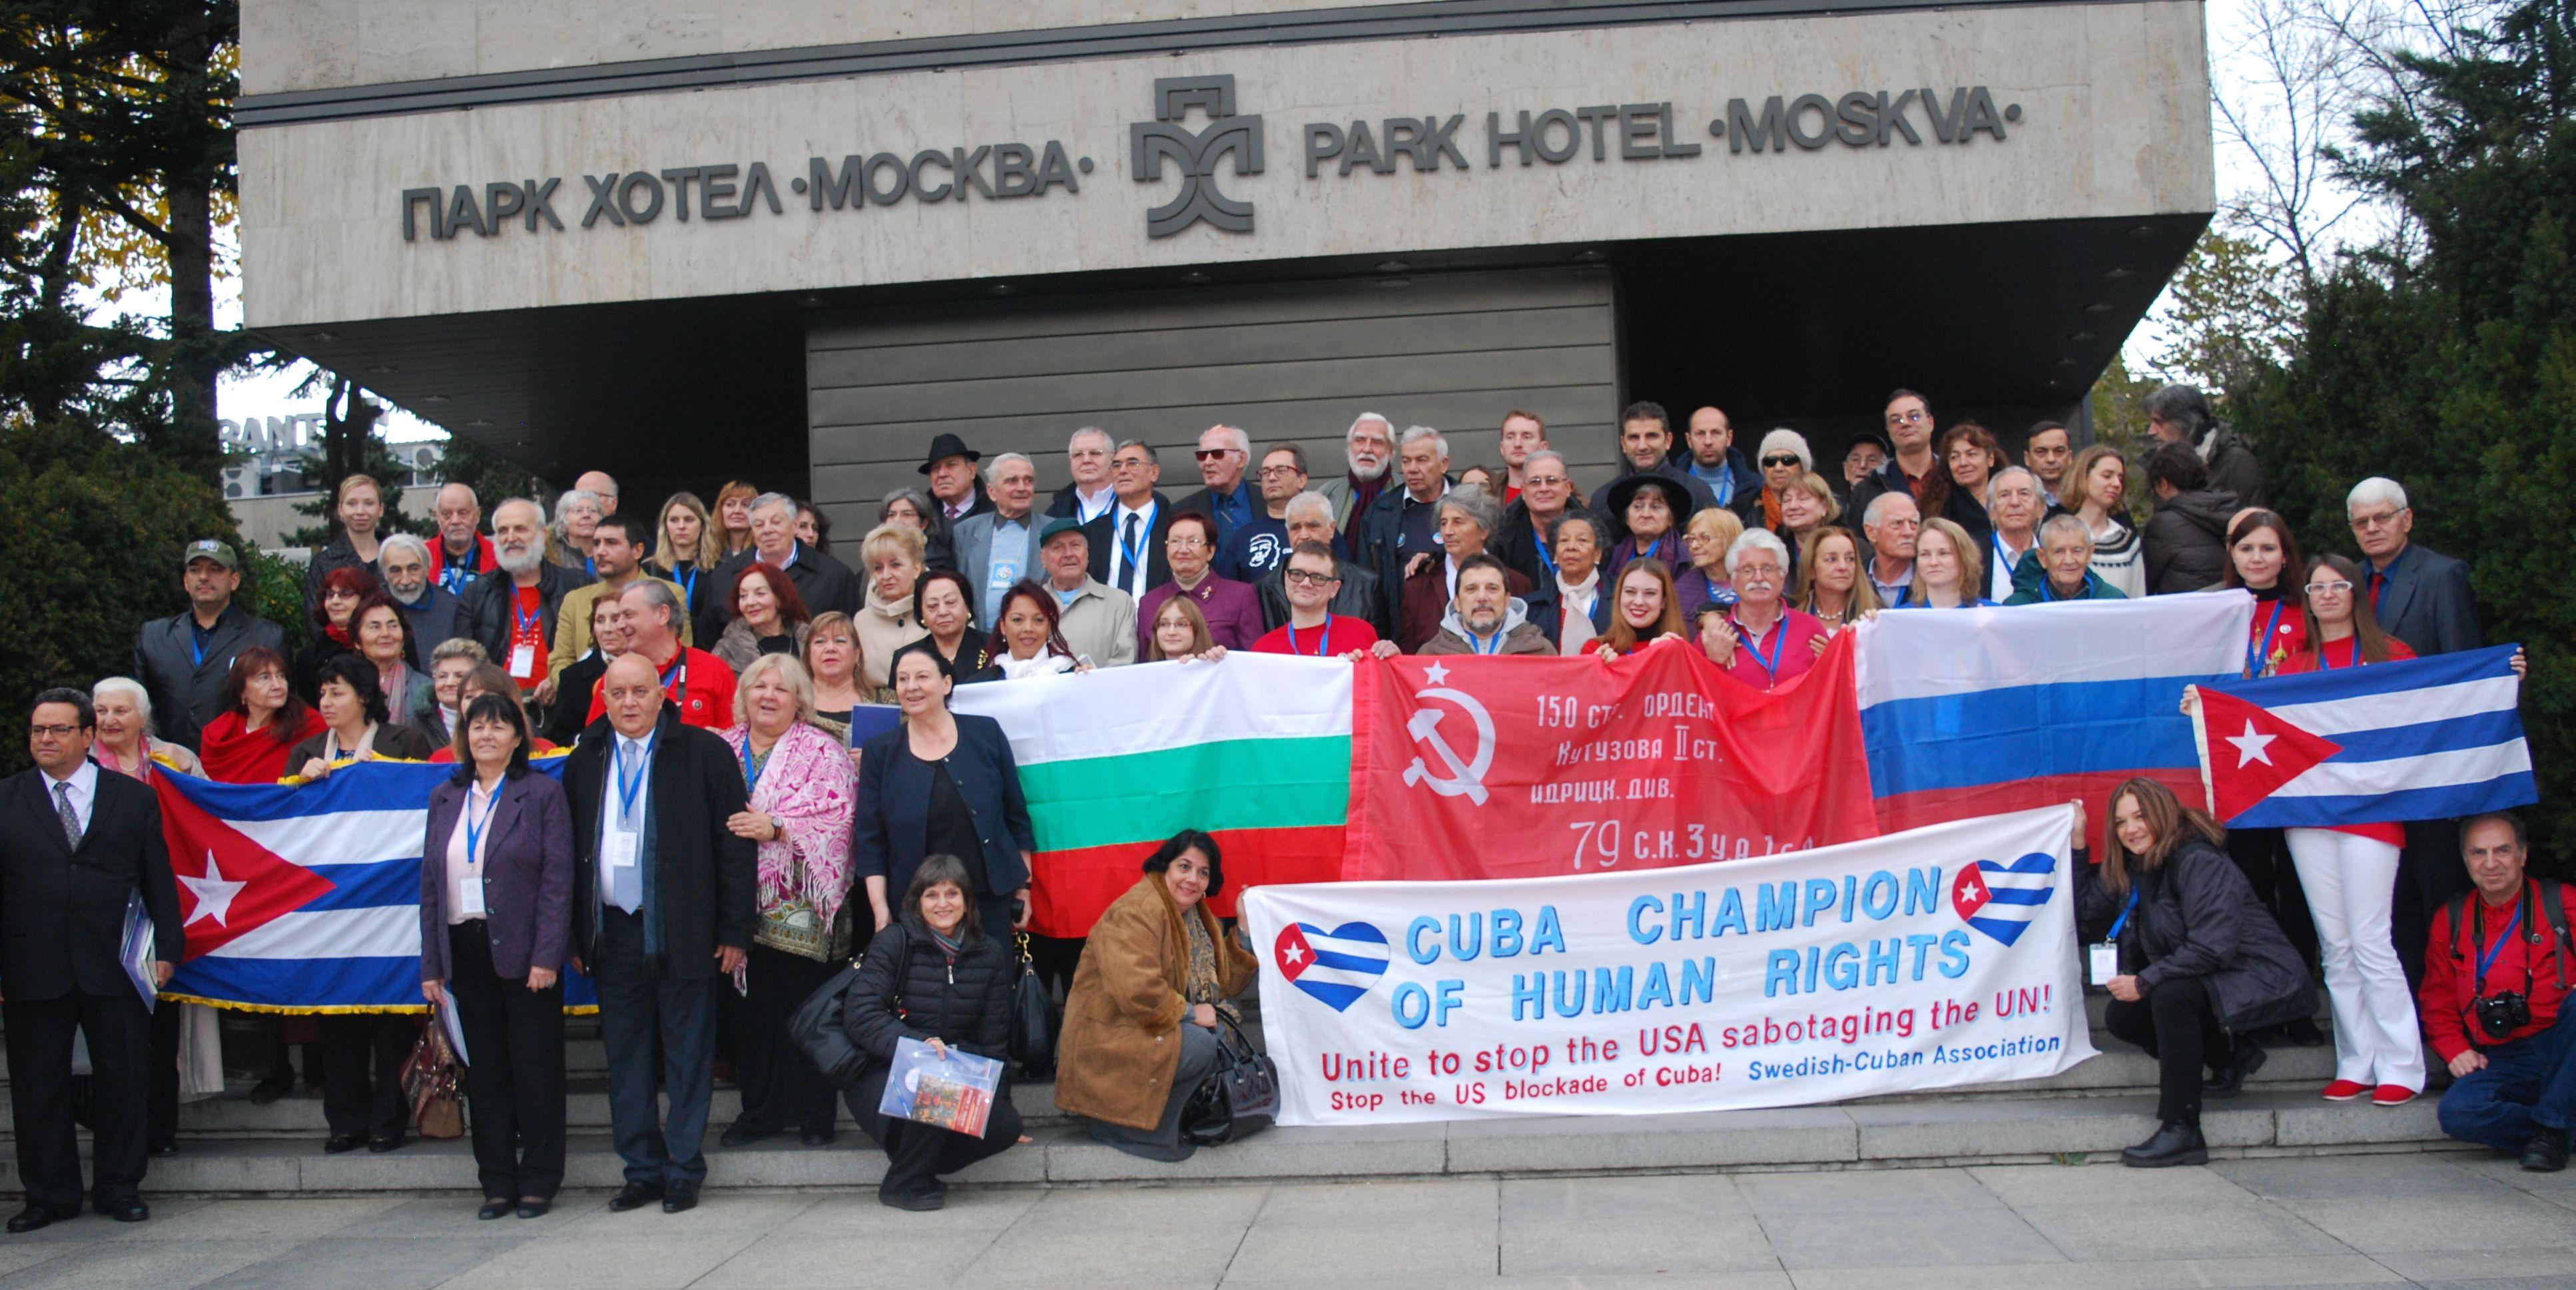 """Участниците във форума си направиха """"семейна снимки"""" пред парк-хотел """"Москва"""". Снимка: Мари Каналян"""